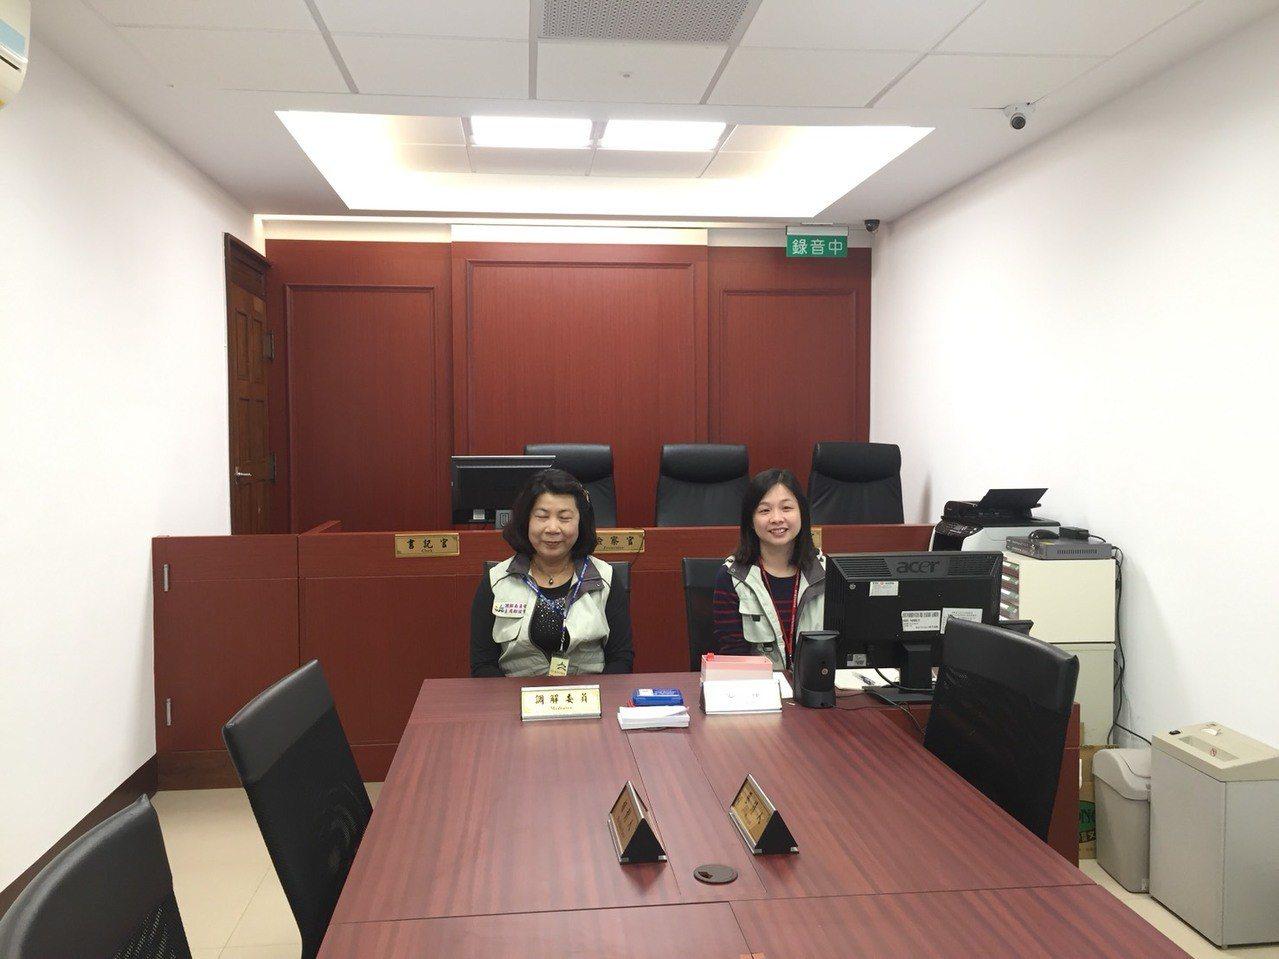 台北地檢署與台北市政府民政局合作,在北檢成立調解室,今上午於三樓舉行揭牌儀式。記...